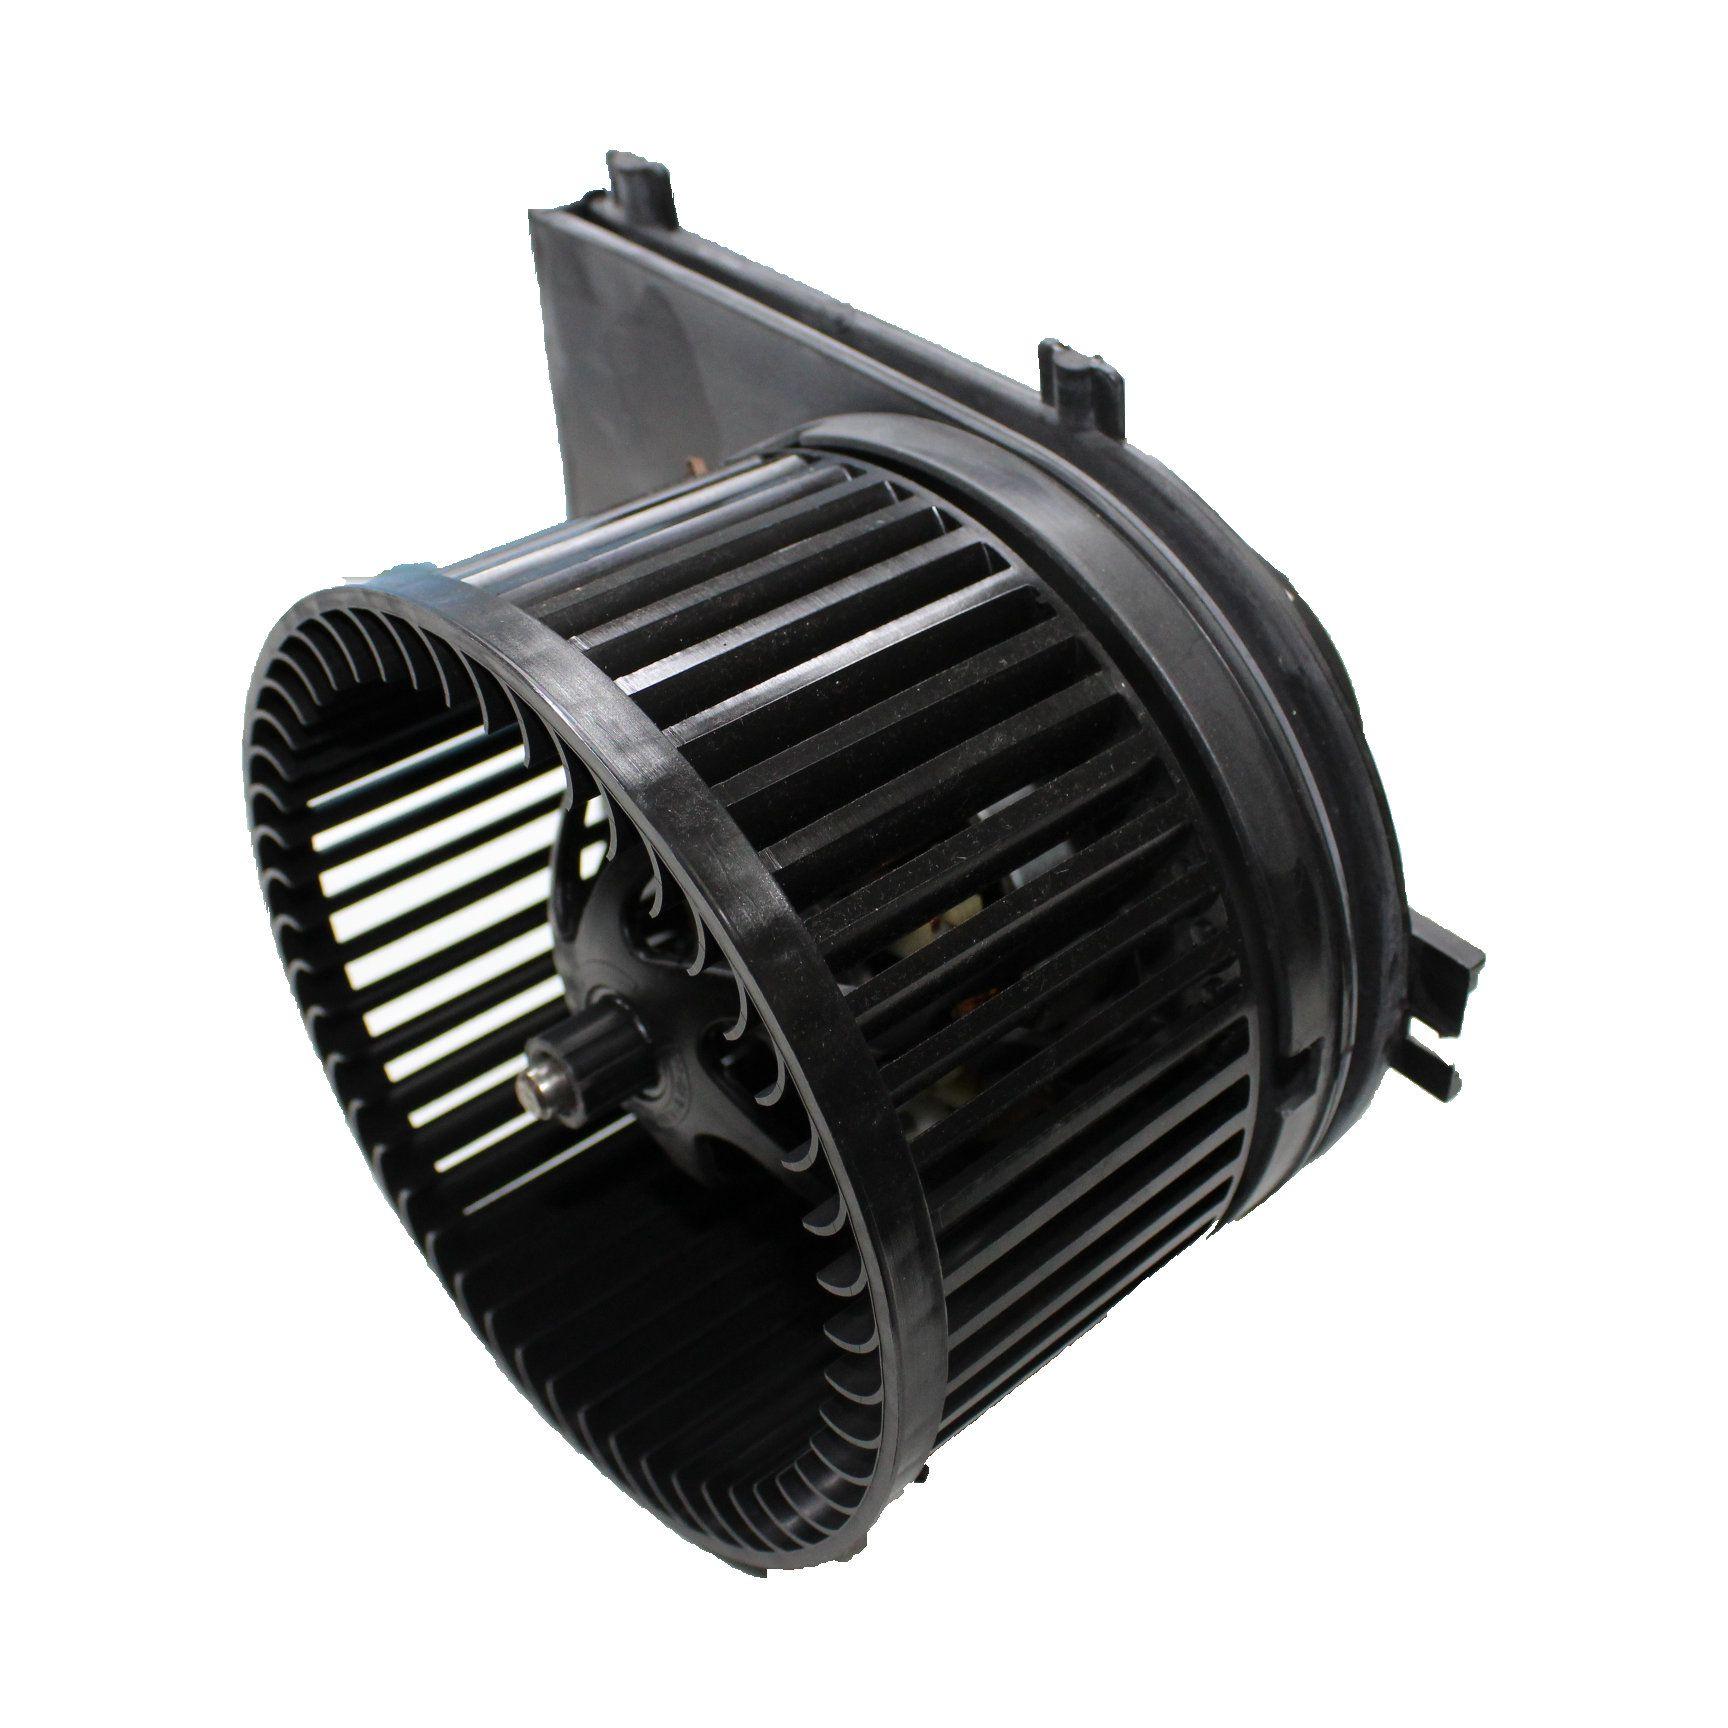 Motor Ventilador Interno Golf 99...05, A3 - Usado